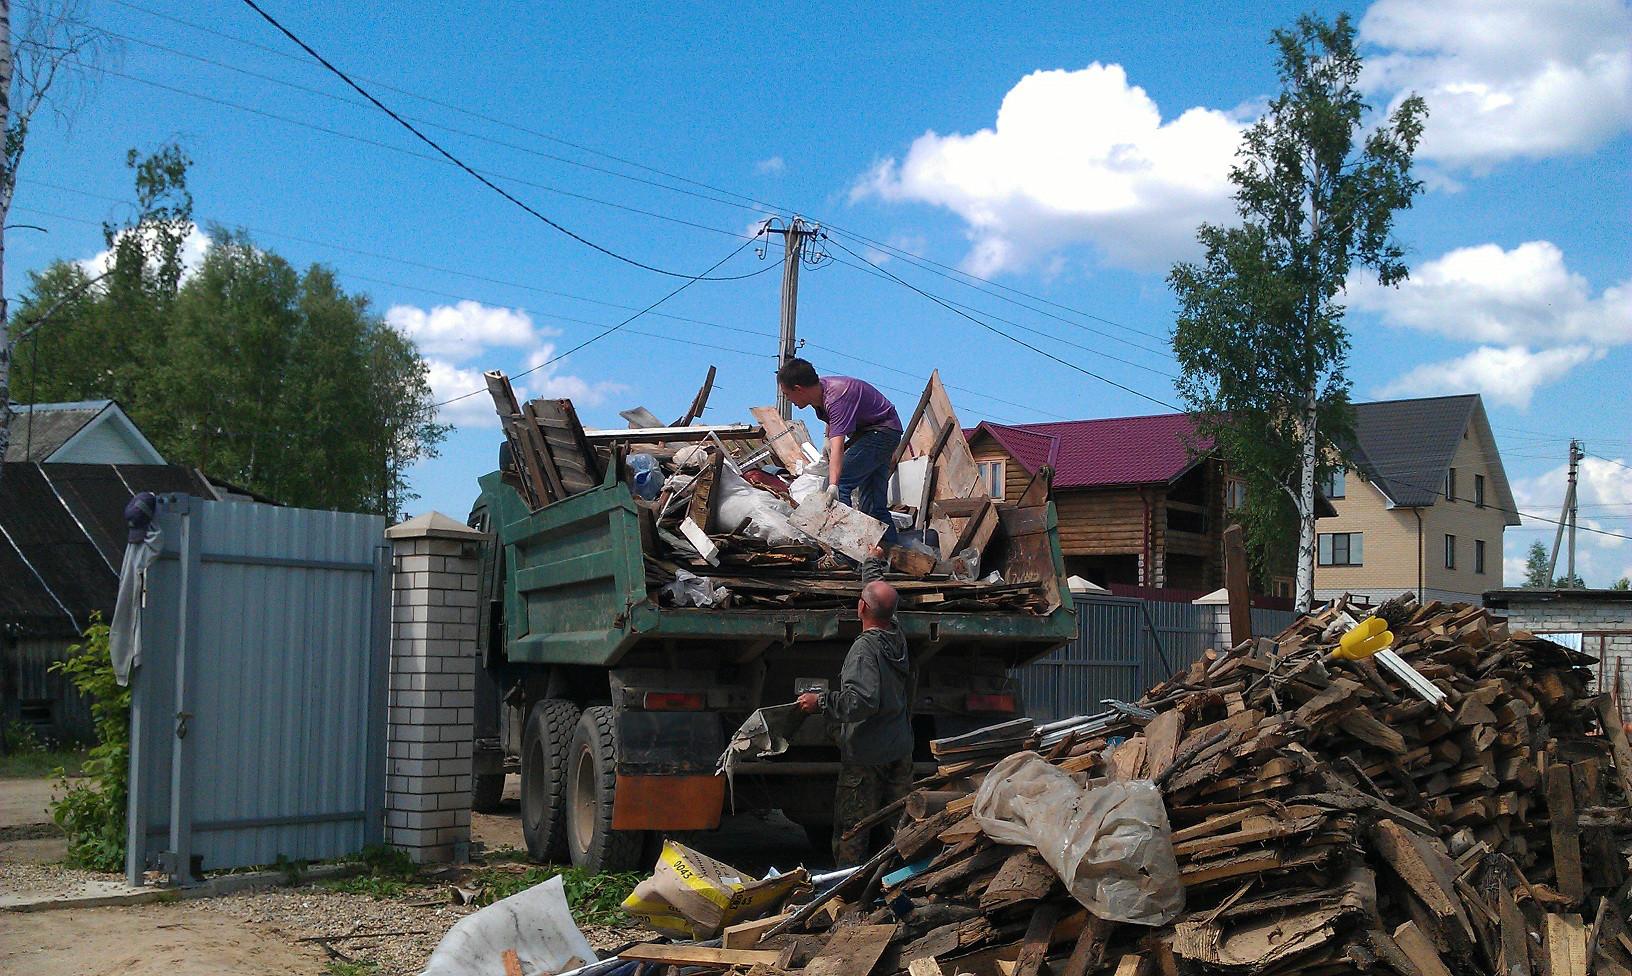 можно ли выбрасывать строительный мусор в контейнер